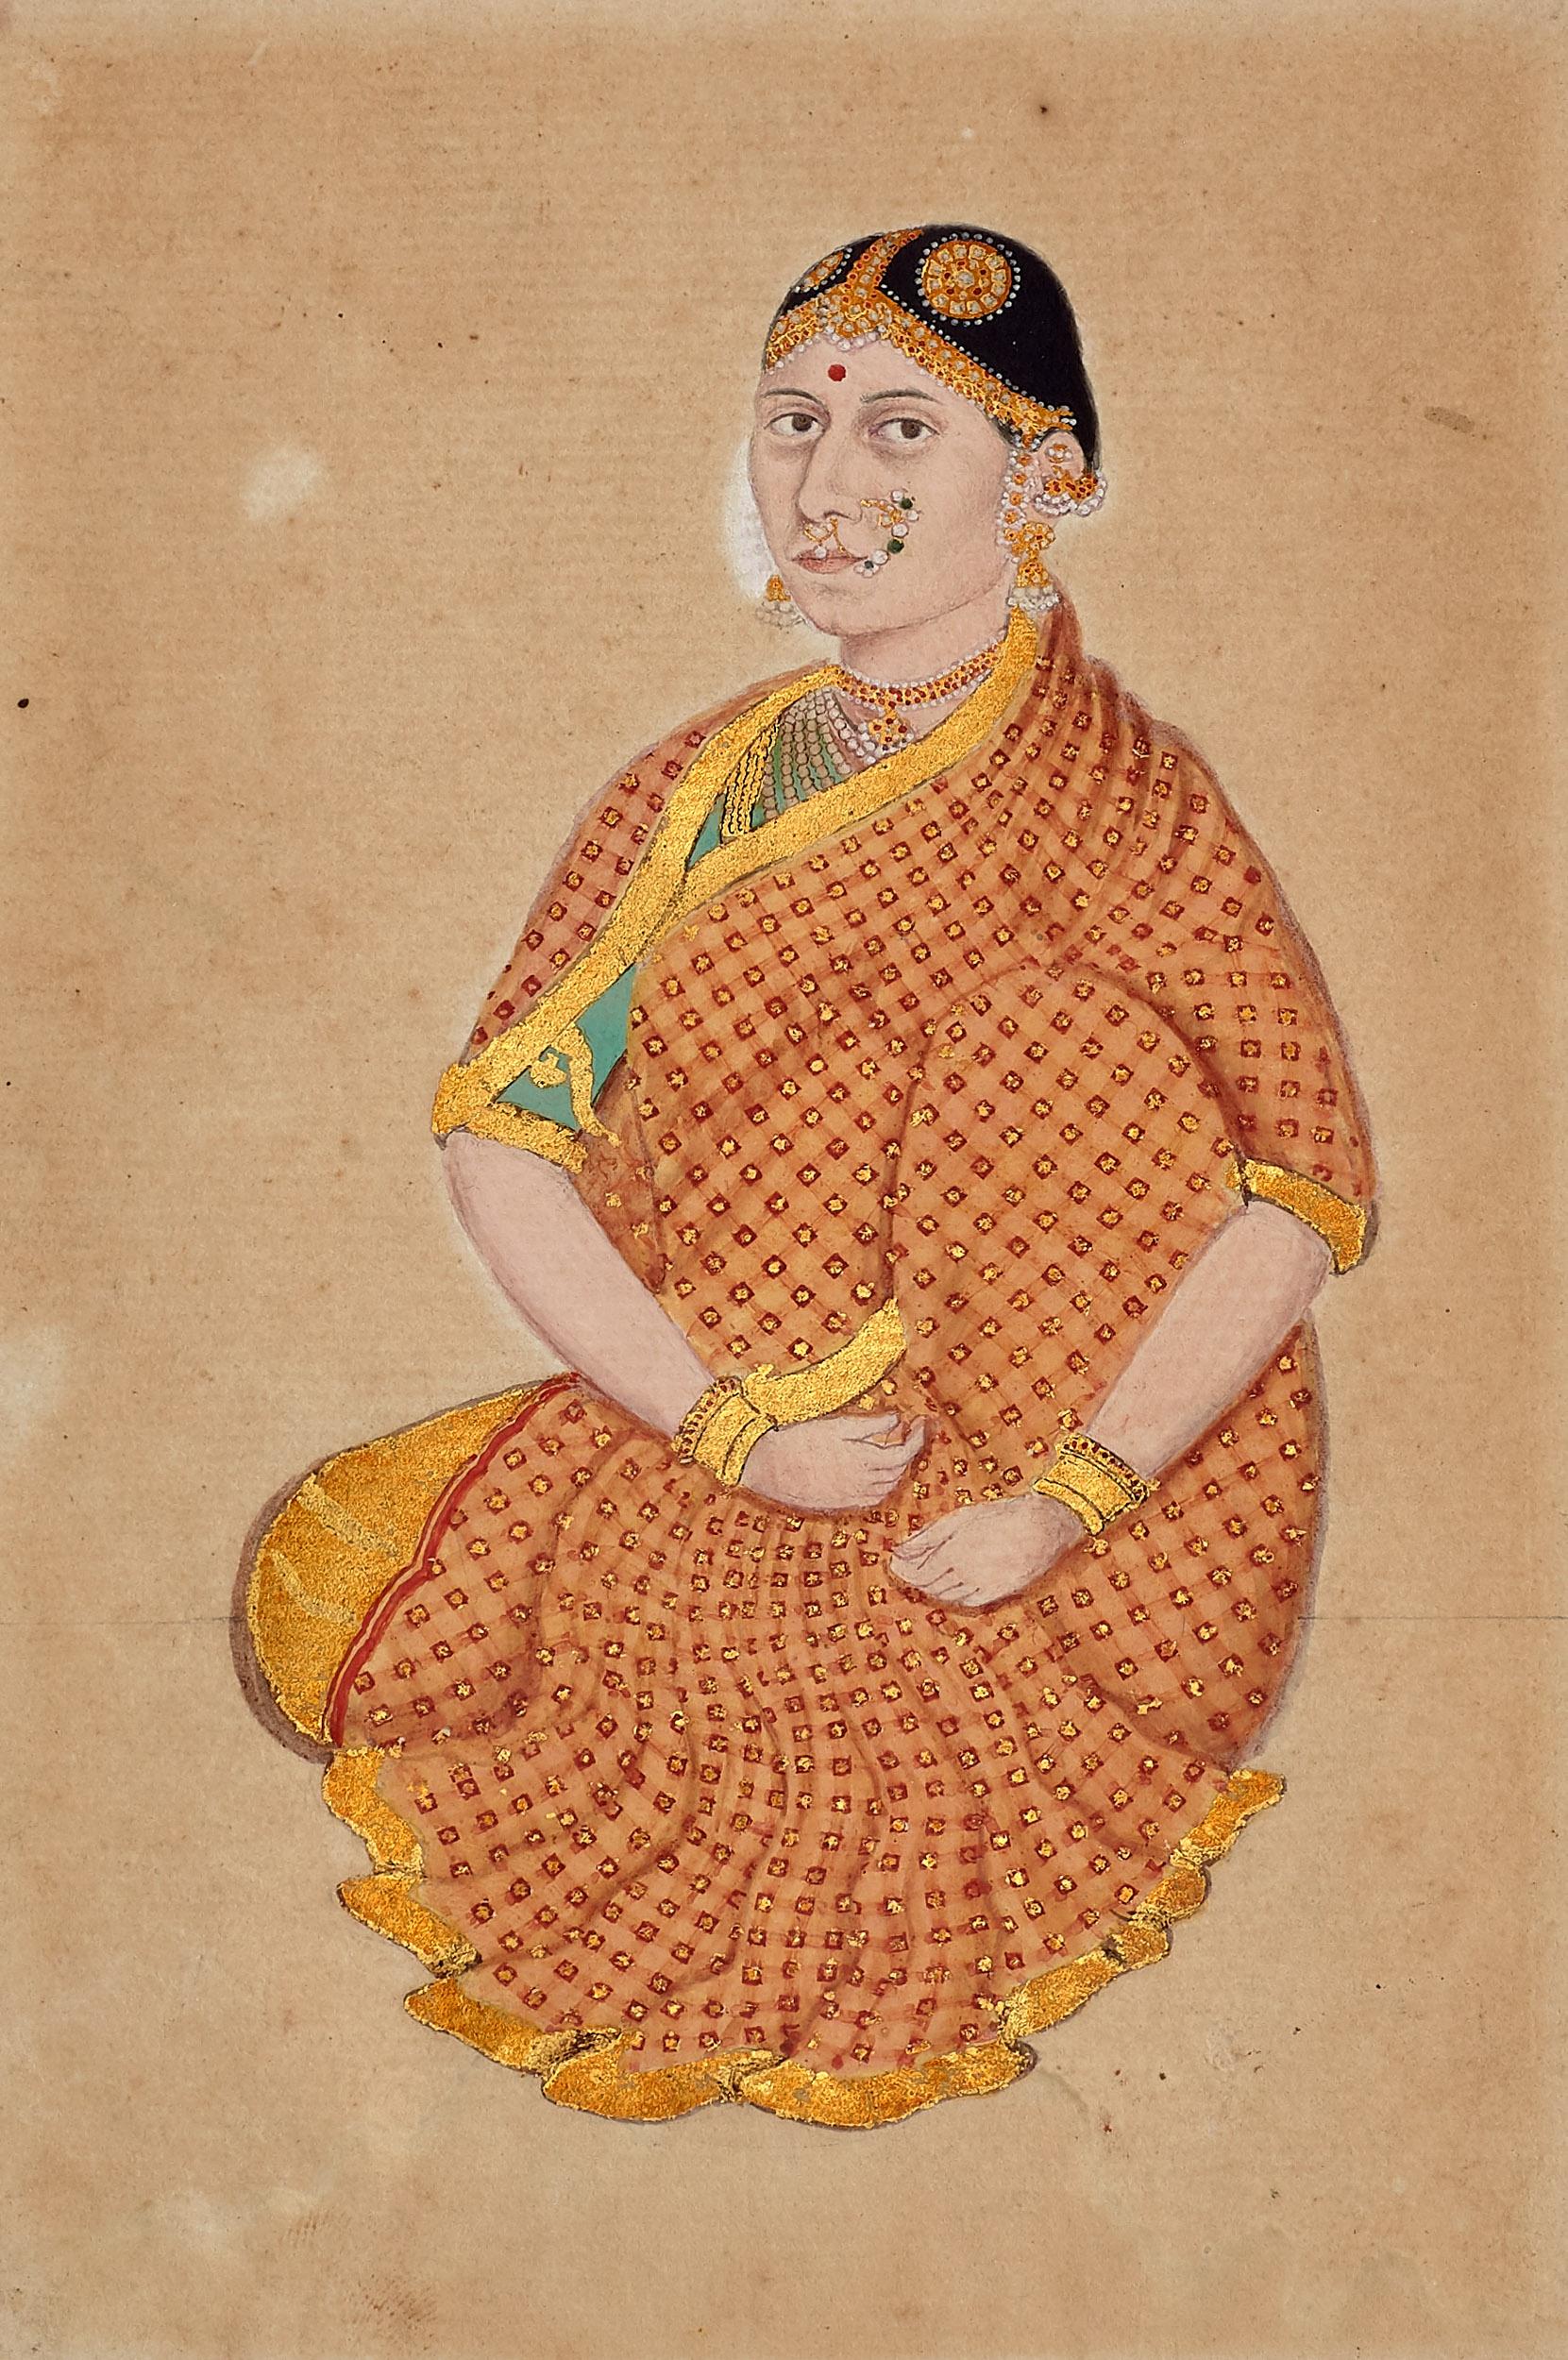 Kamatchi Bai Saheb